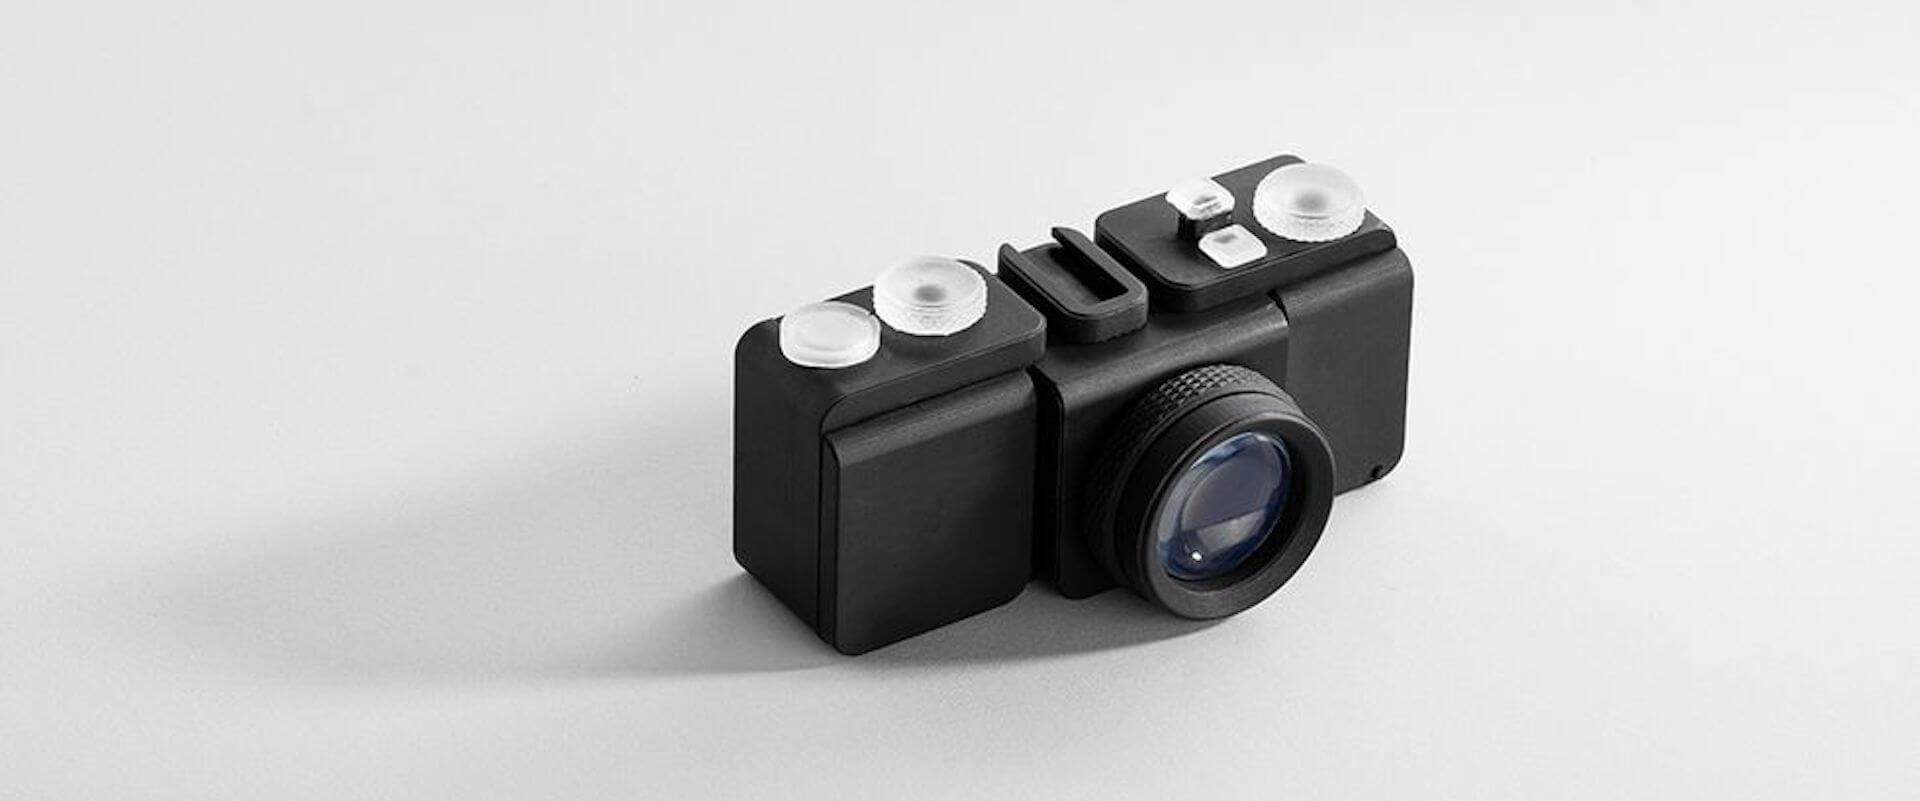 SLO: 3D Printed Camera